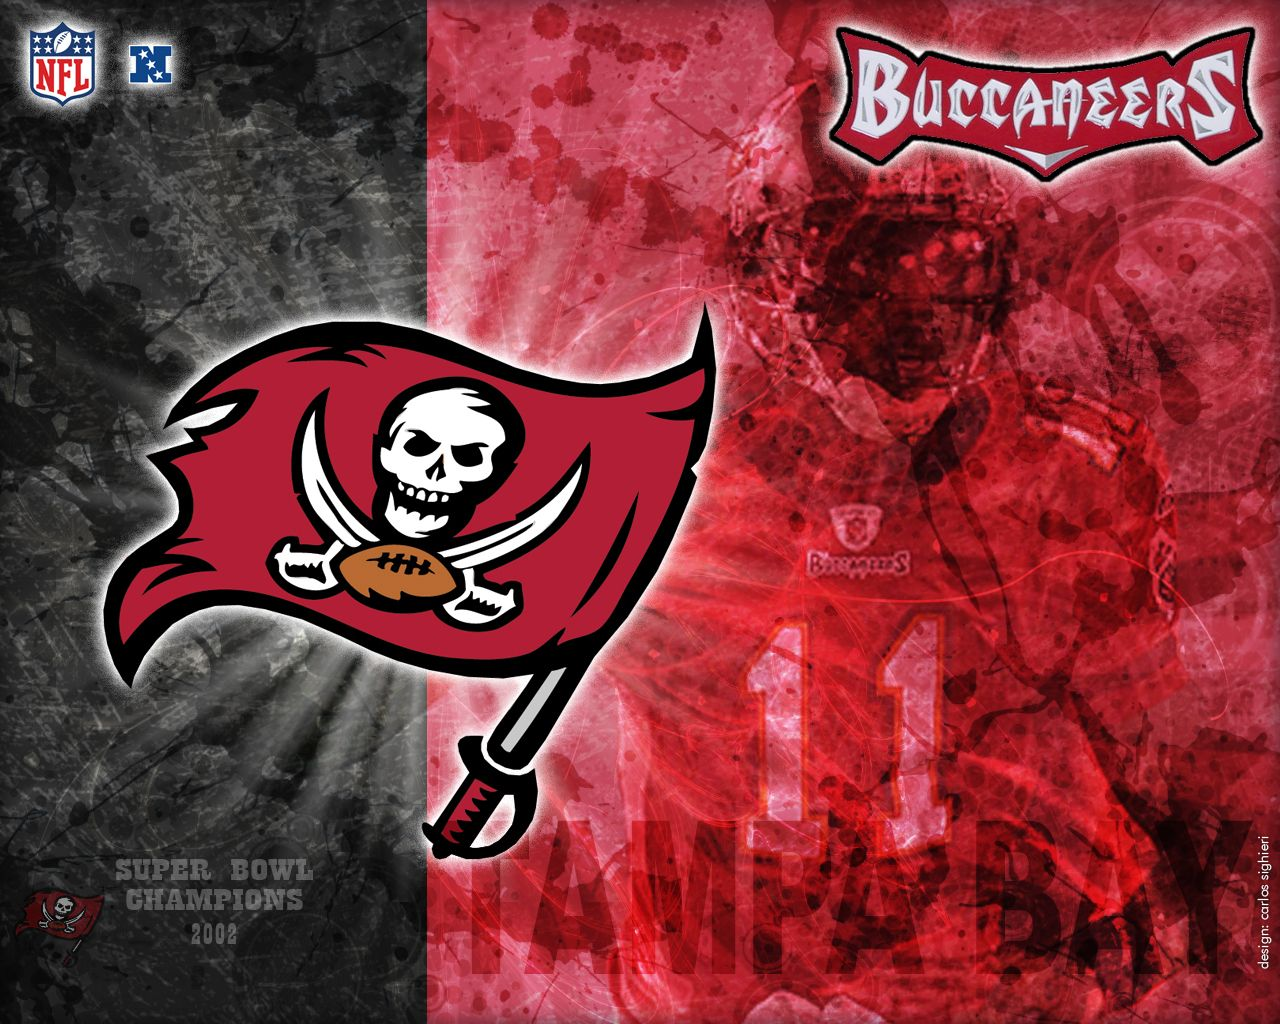 Tampa Bay Buccaneers Wallpapers - Top